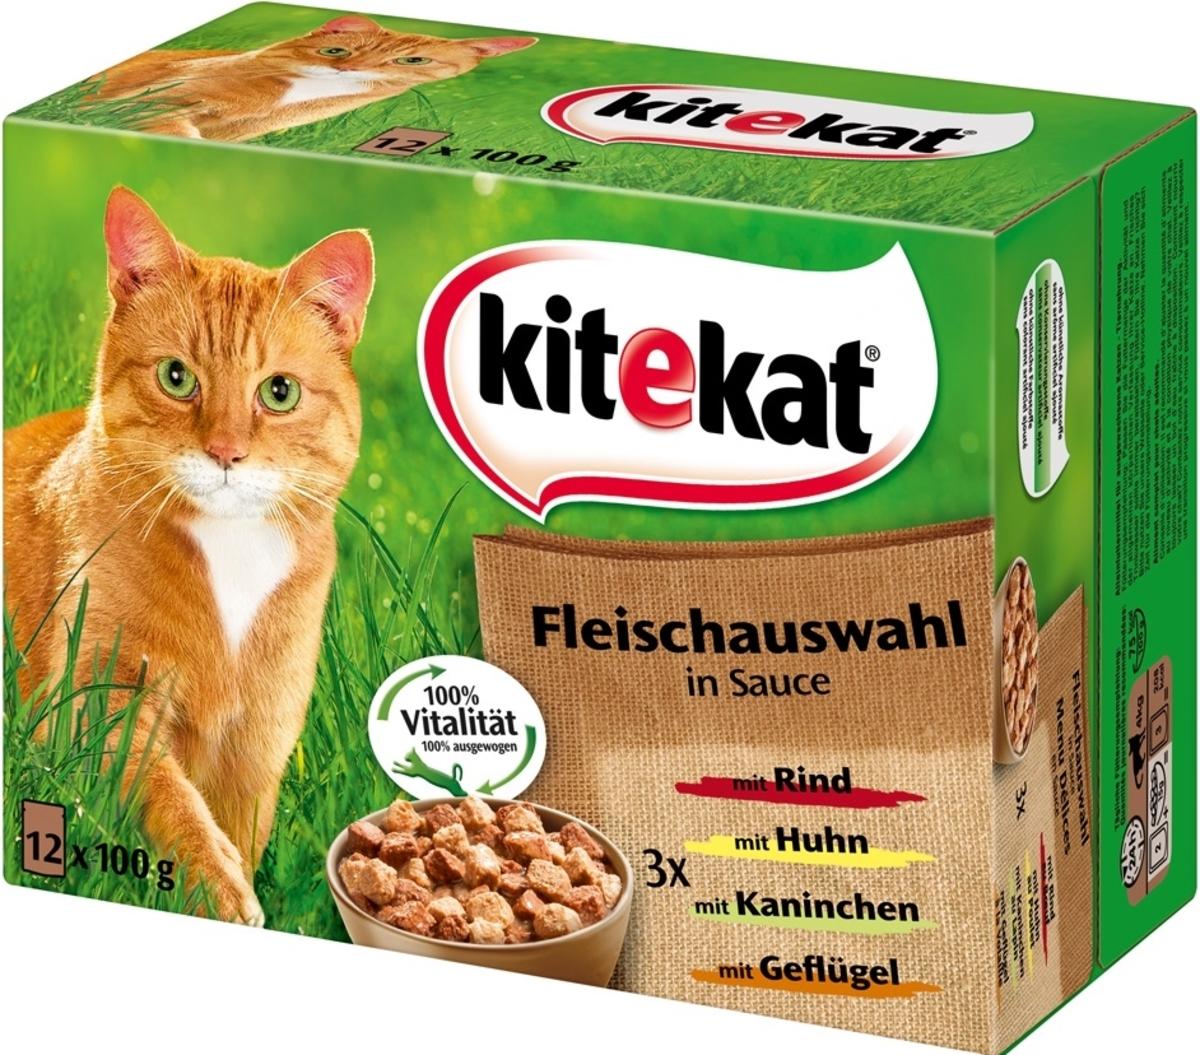 Bild 2 von Kitekat Fleischauswahl in Sauce Katzenfutter nass Multipack 12x 100 g